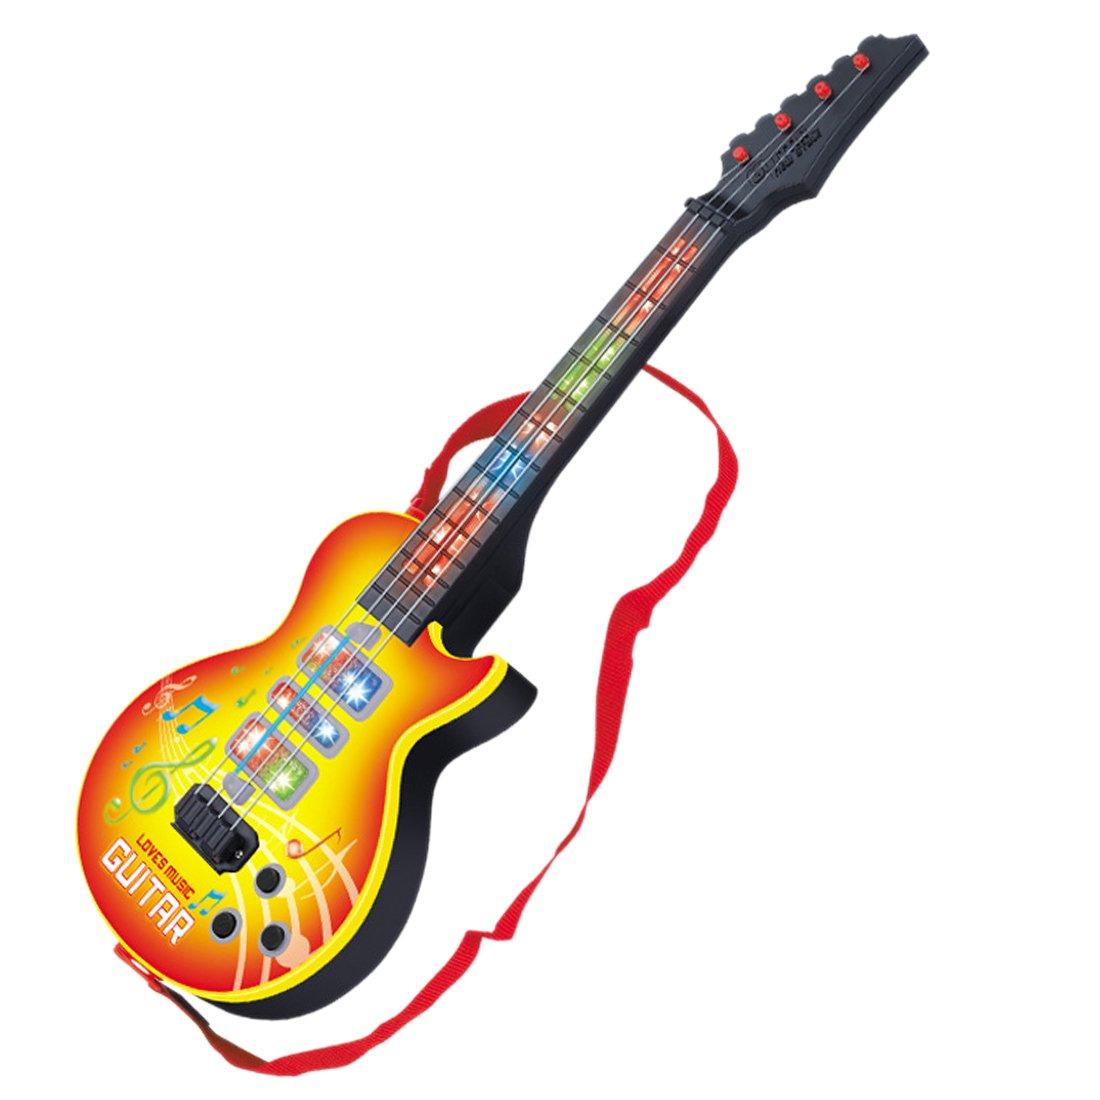 YVSoo Guitarra eléctrica para Niños, 4 Cuerdas Guitarra clásica Instrumentos Musicales Educativos Simulación Juguete Regalo (Verde): Amazon.es: Juguetes y ...